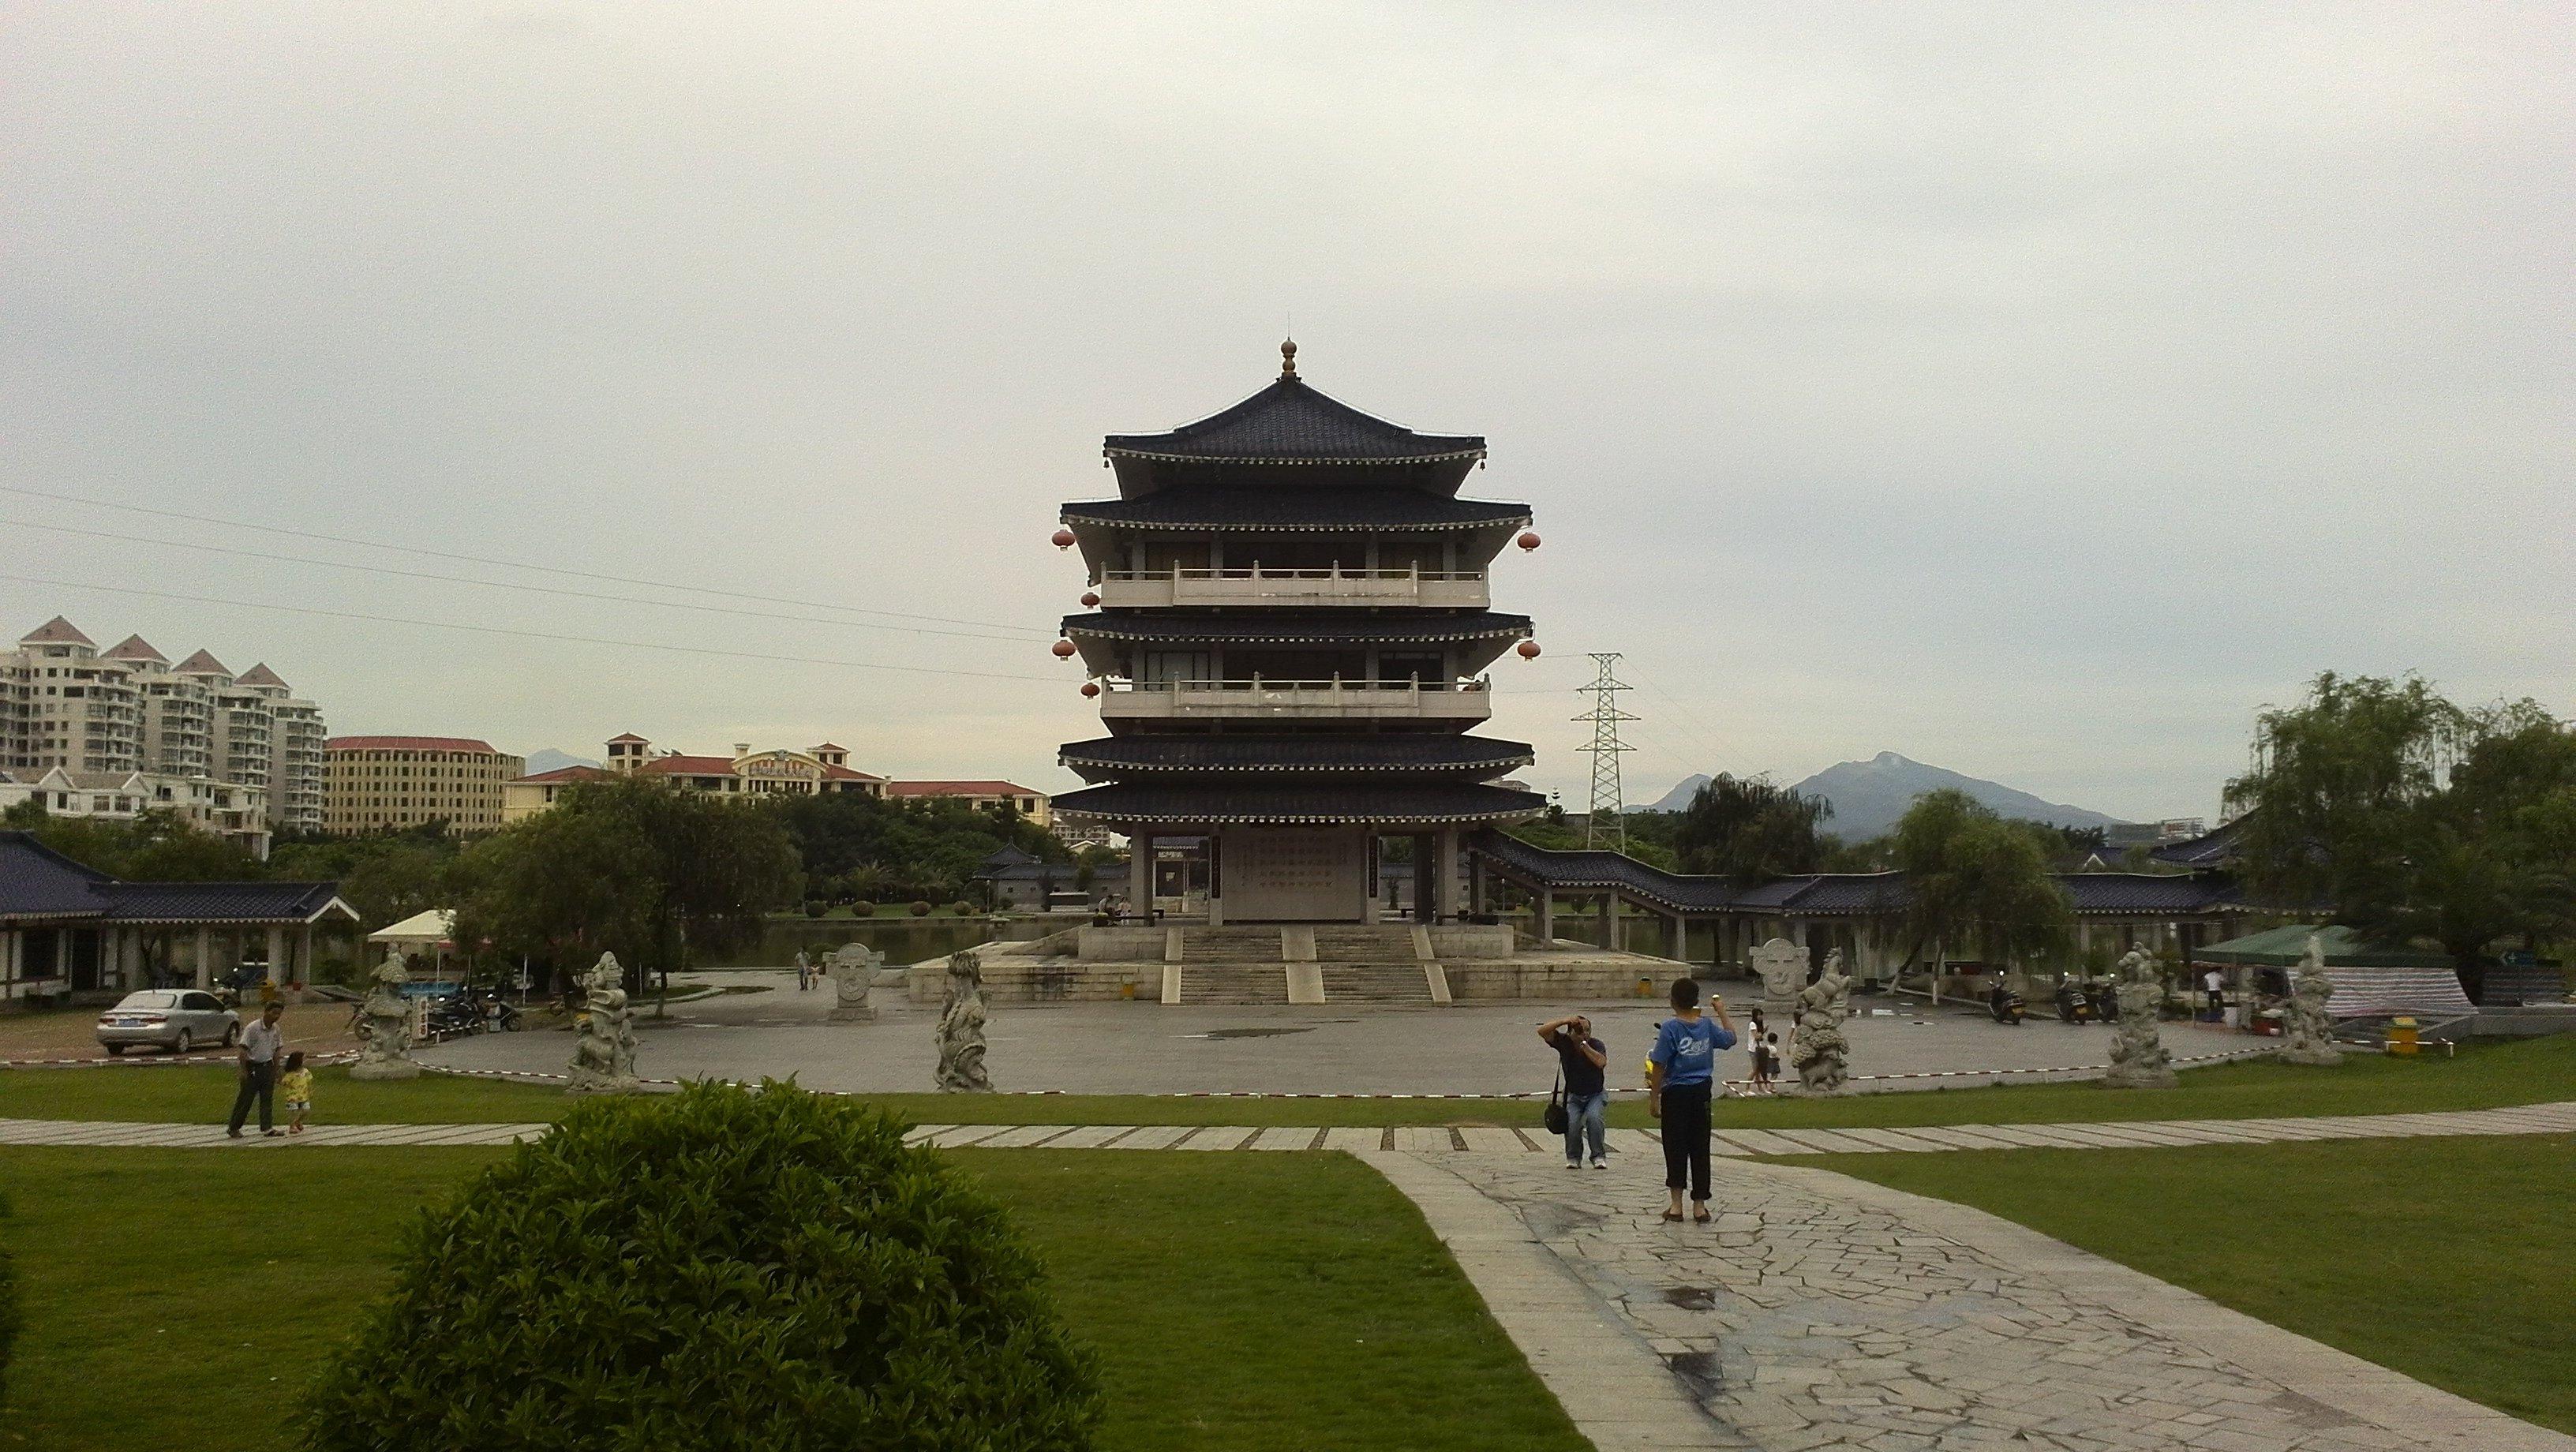 将军山公园位于云霄县城西侧